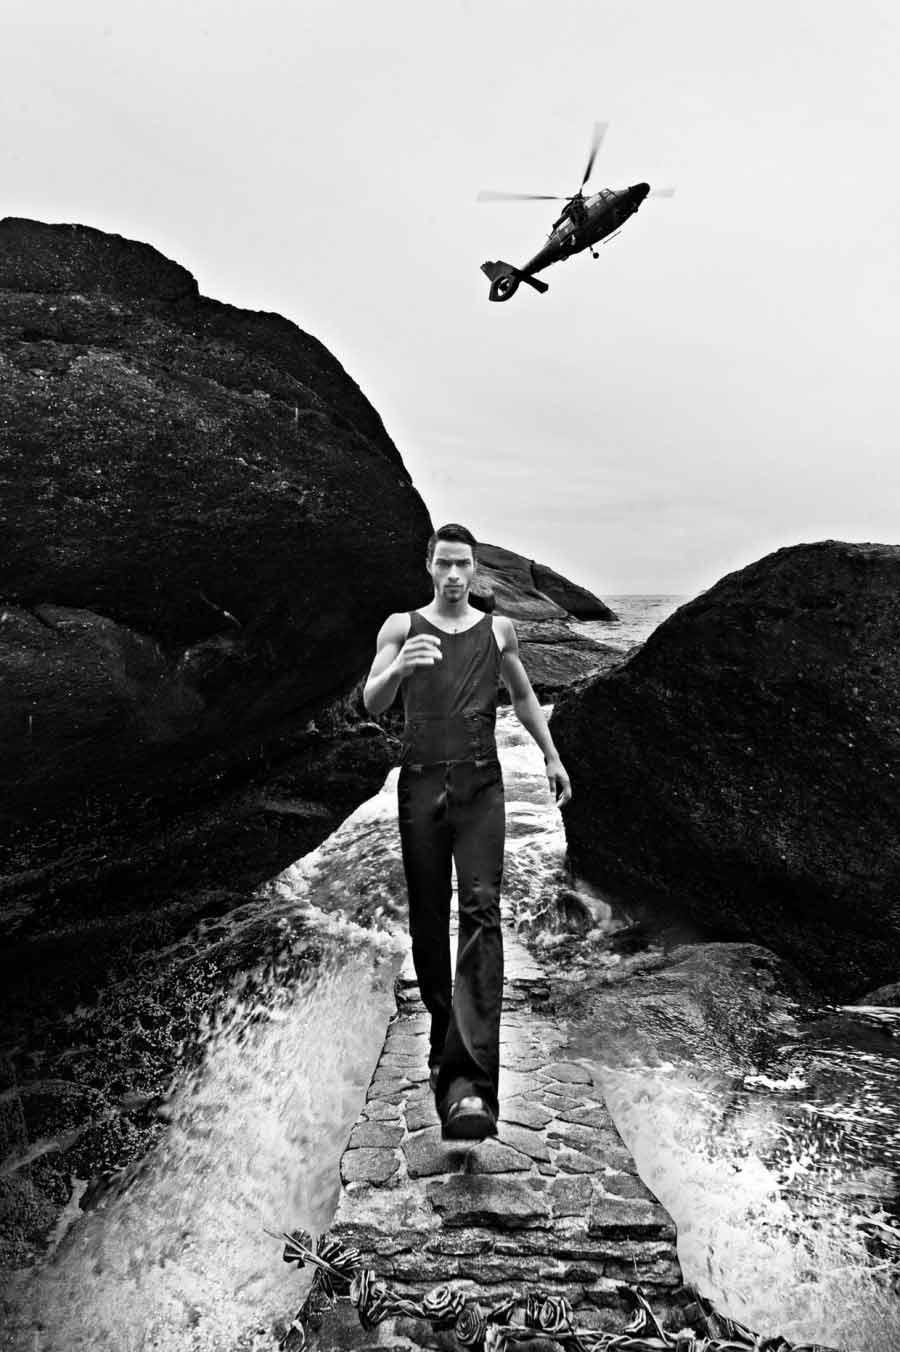 Il brasiliano Pablo Morais fotografato da Brian Haider per Romeu